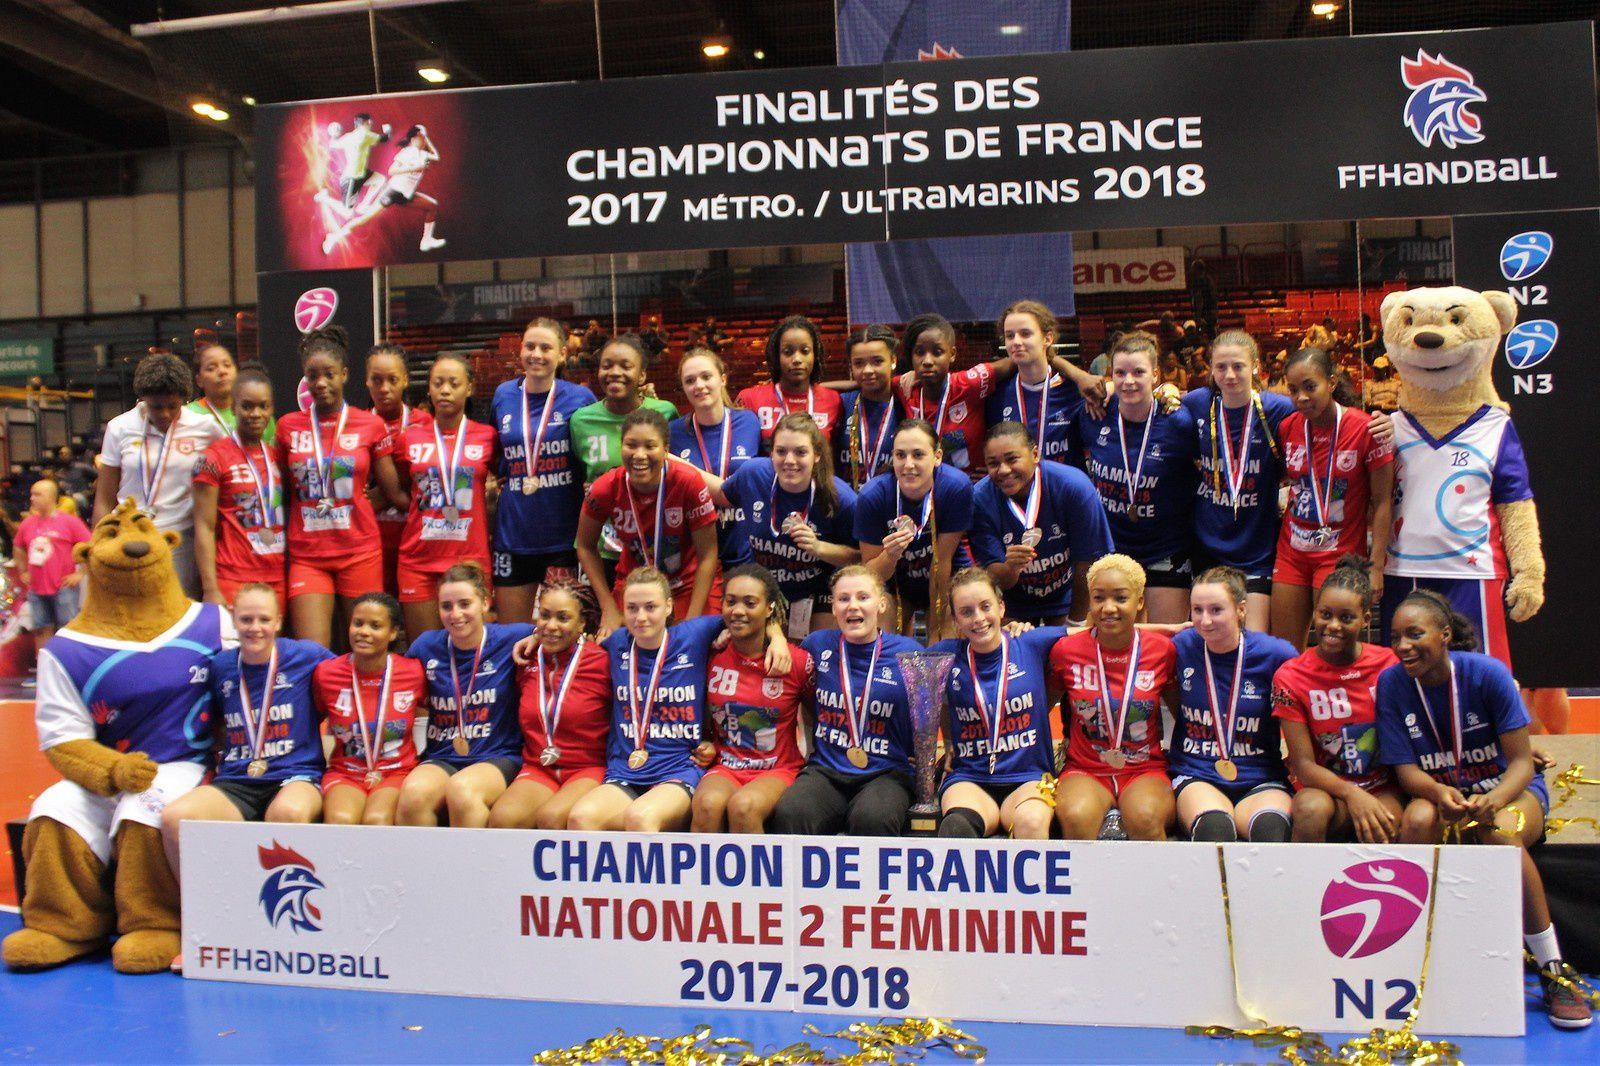 Finalités CdF N1/N2/N3 2018 (4 au 9 juin 2018)